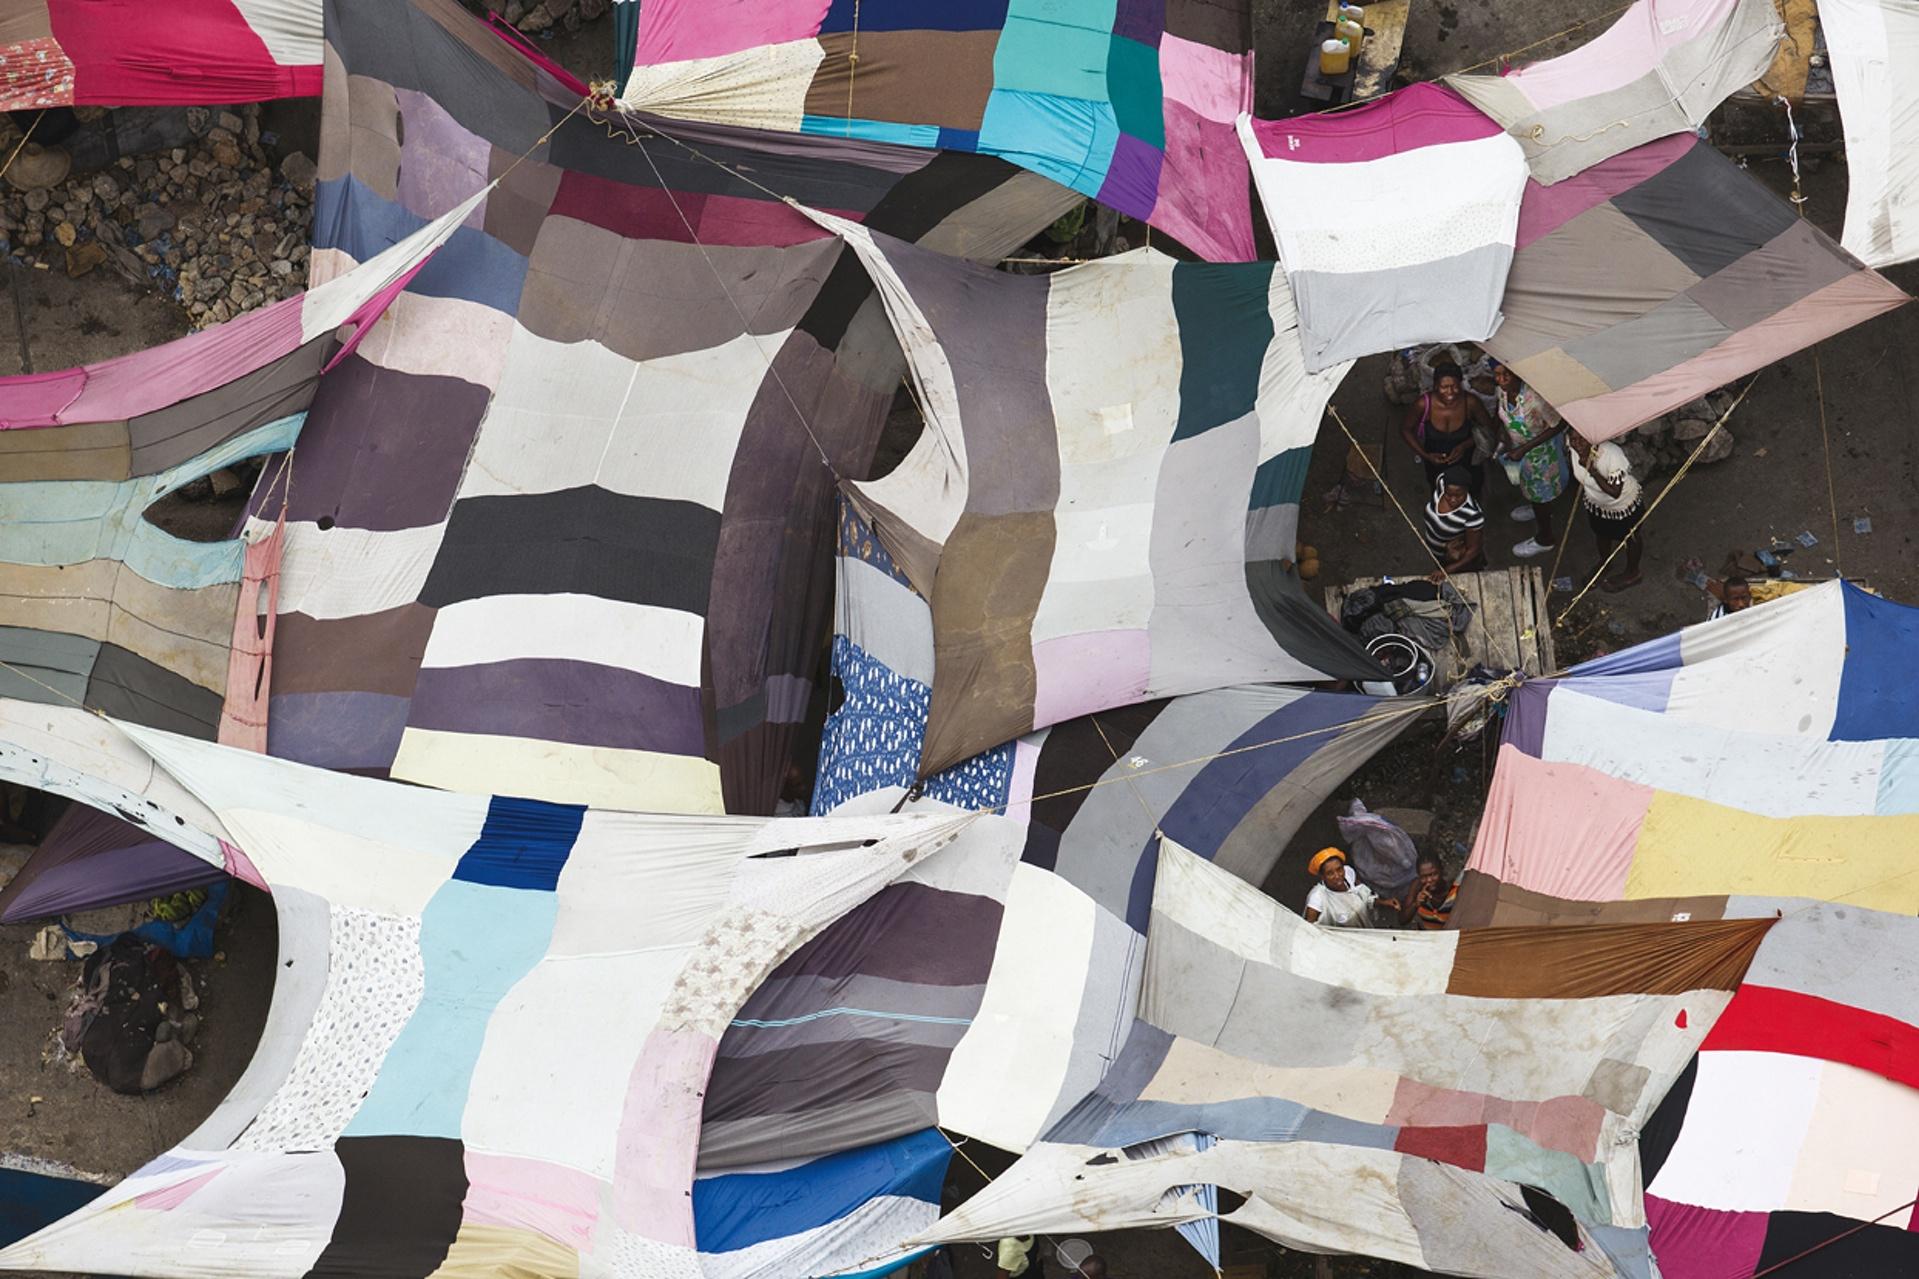 Κλειστή αγορά, Αϊτή